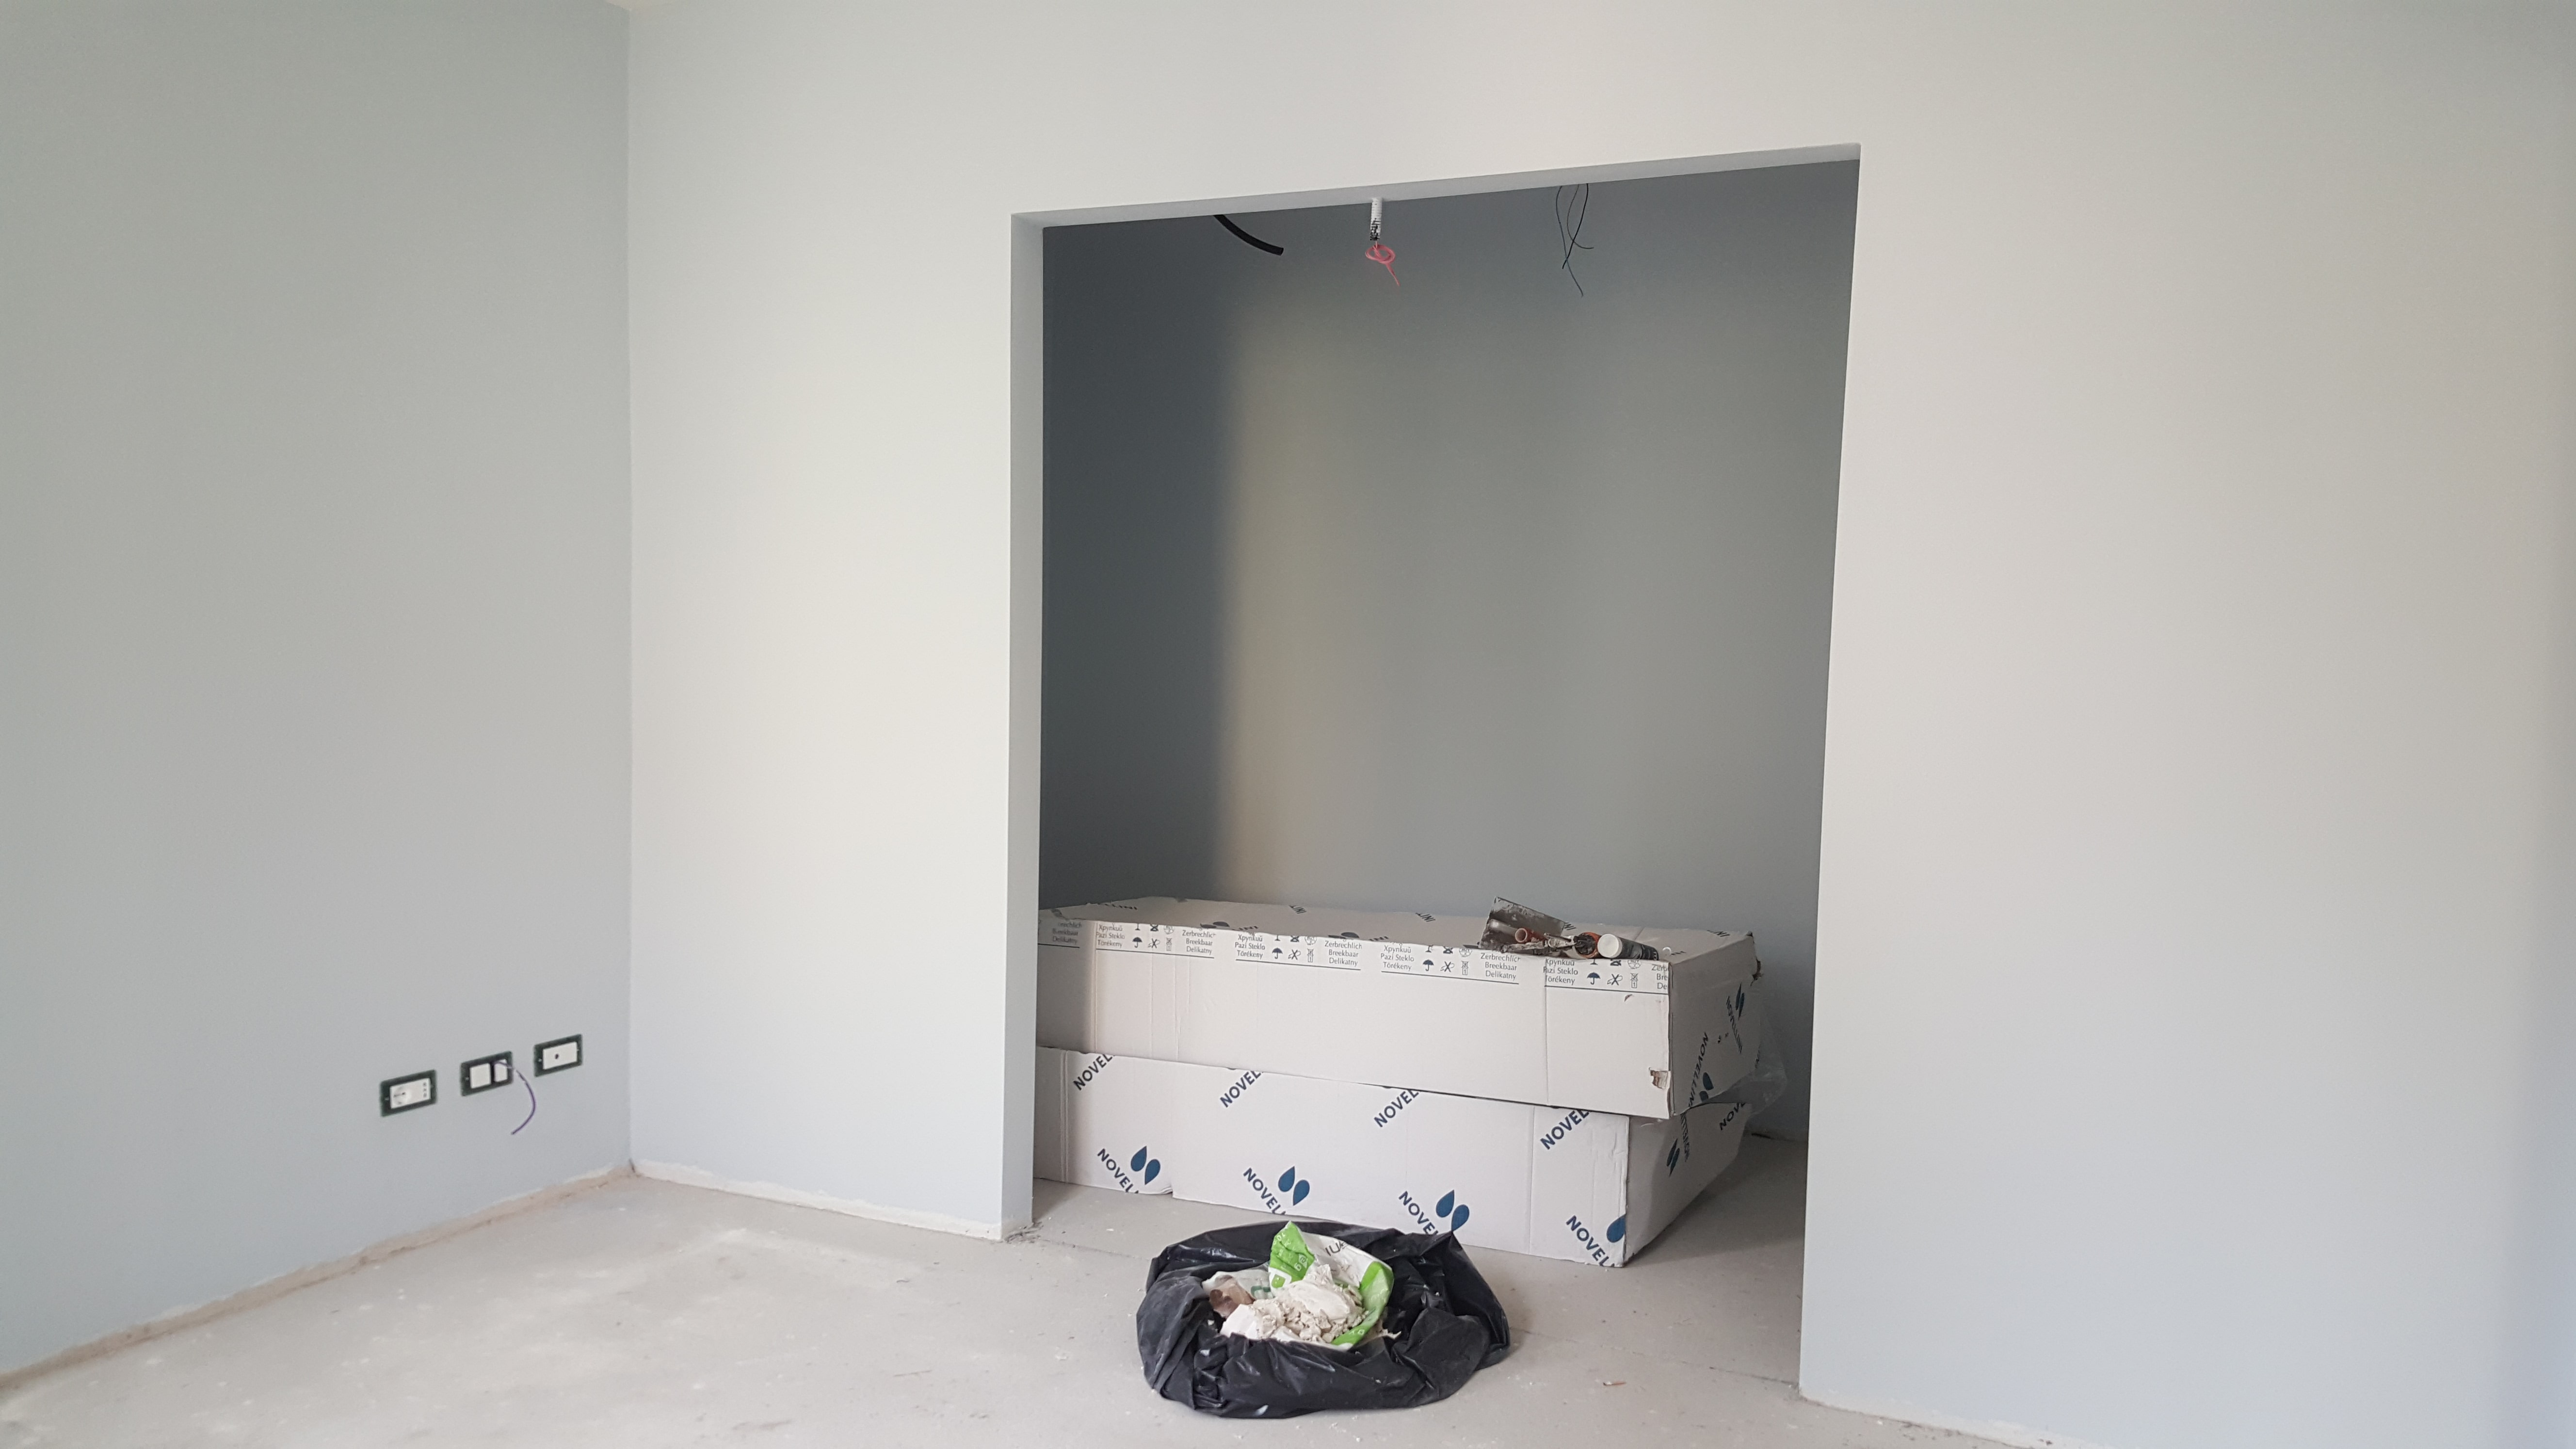 Ristrutturazione casa reggio emilia, cabina armadio